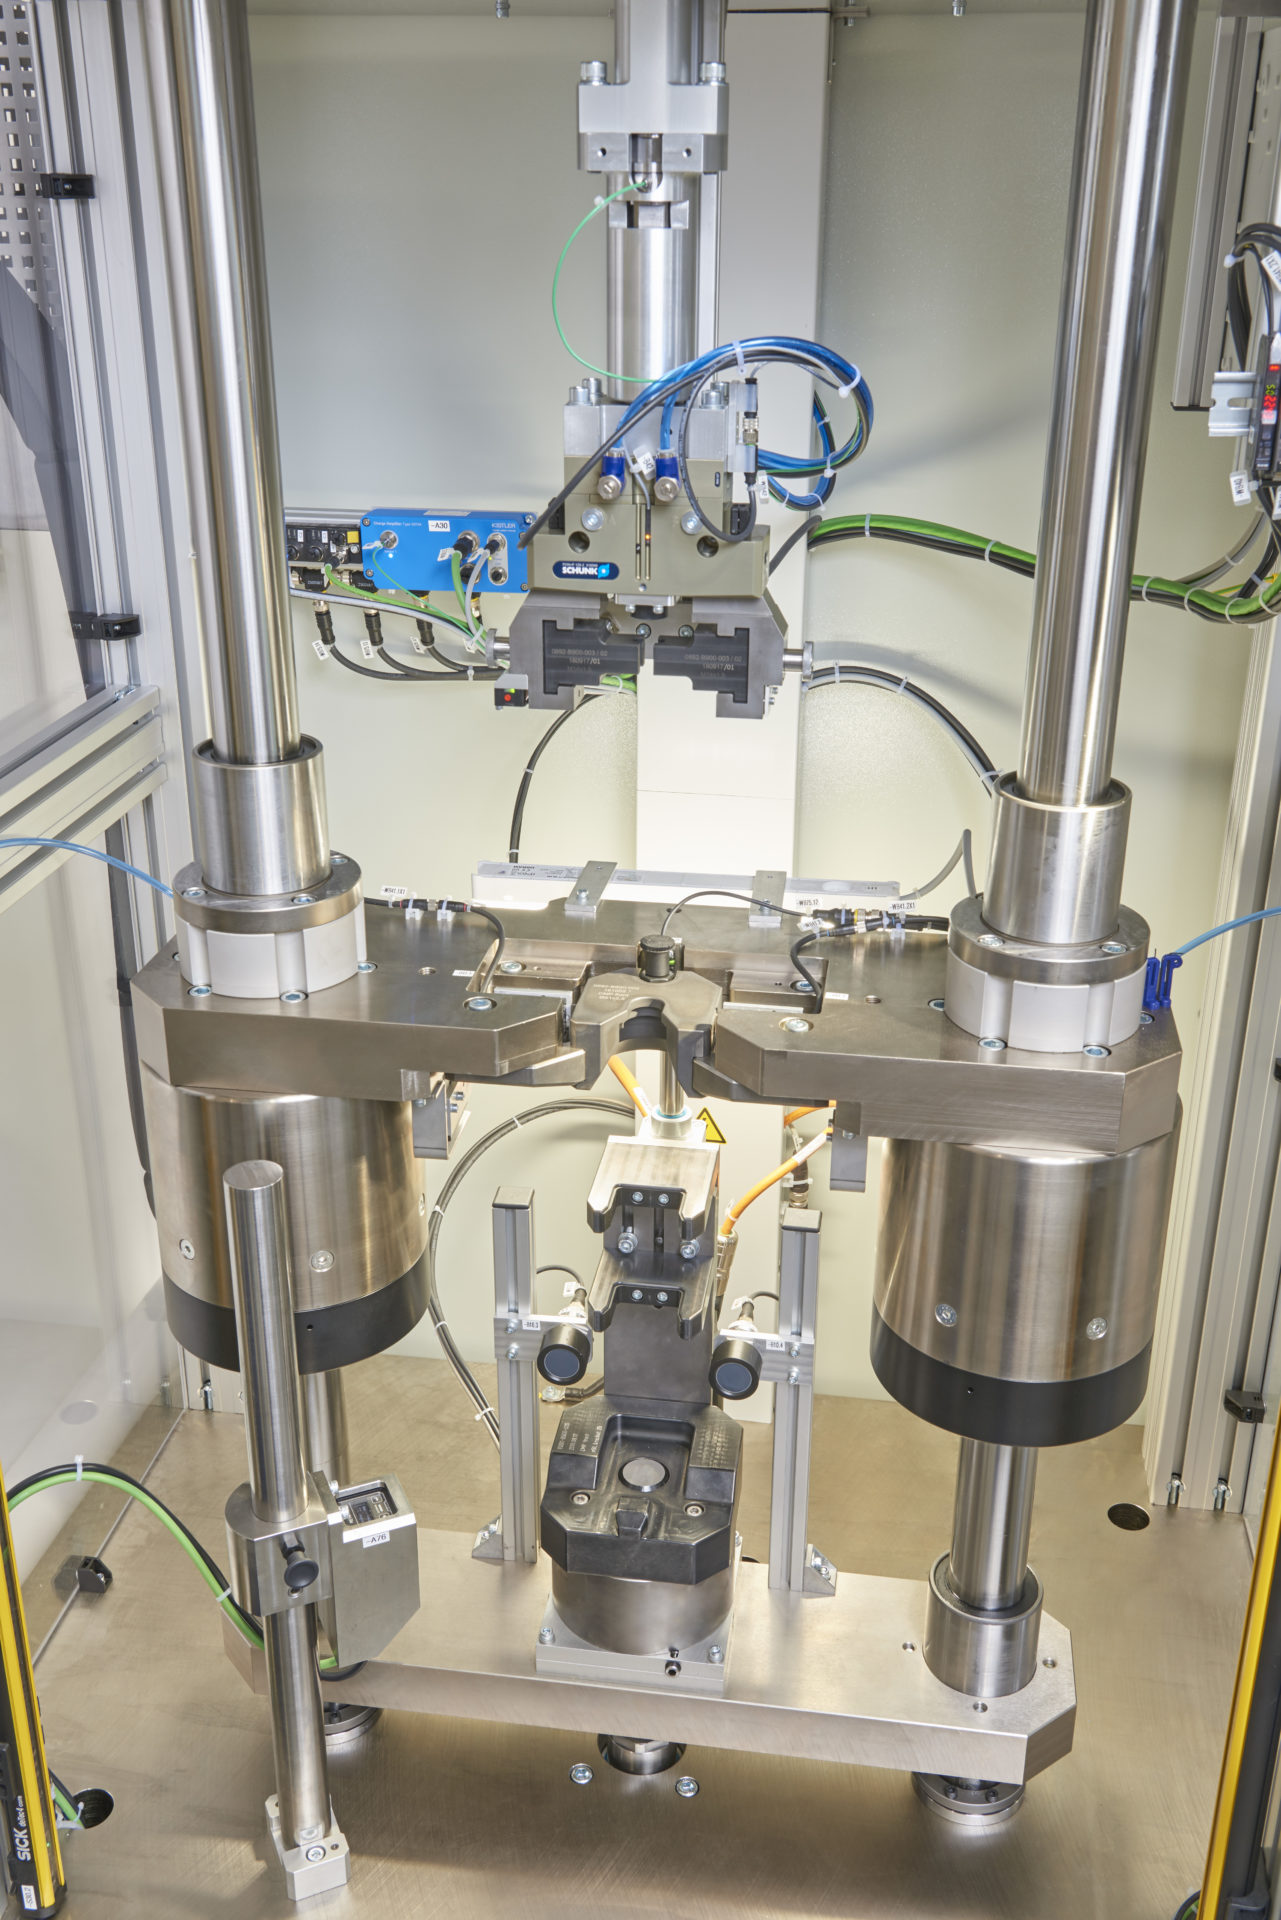 Prüfstand Stoßdämpfer test bench shock absorber